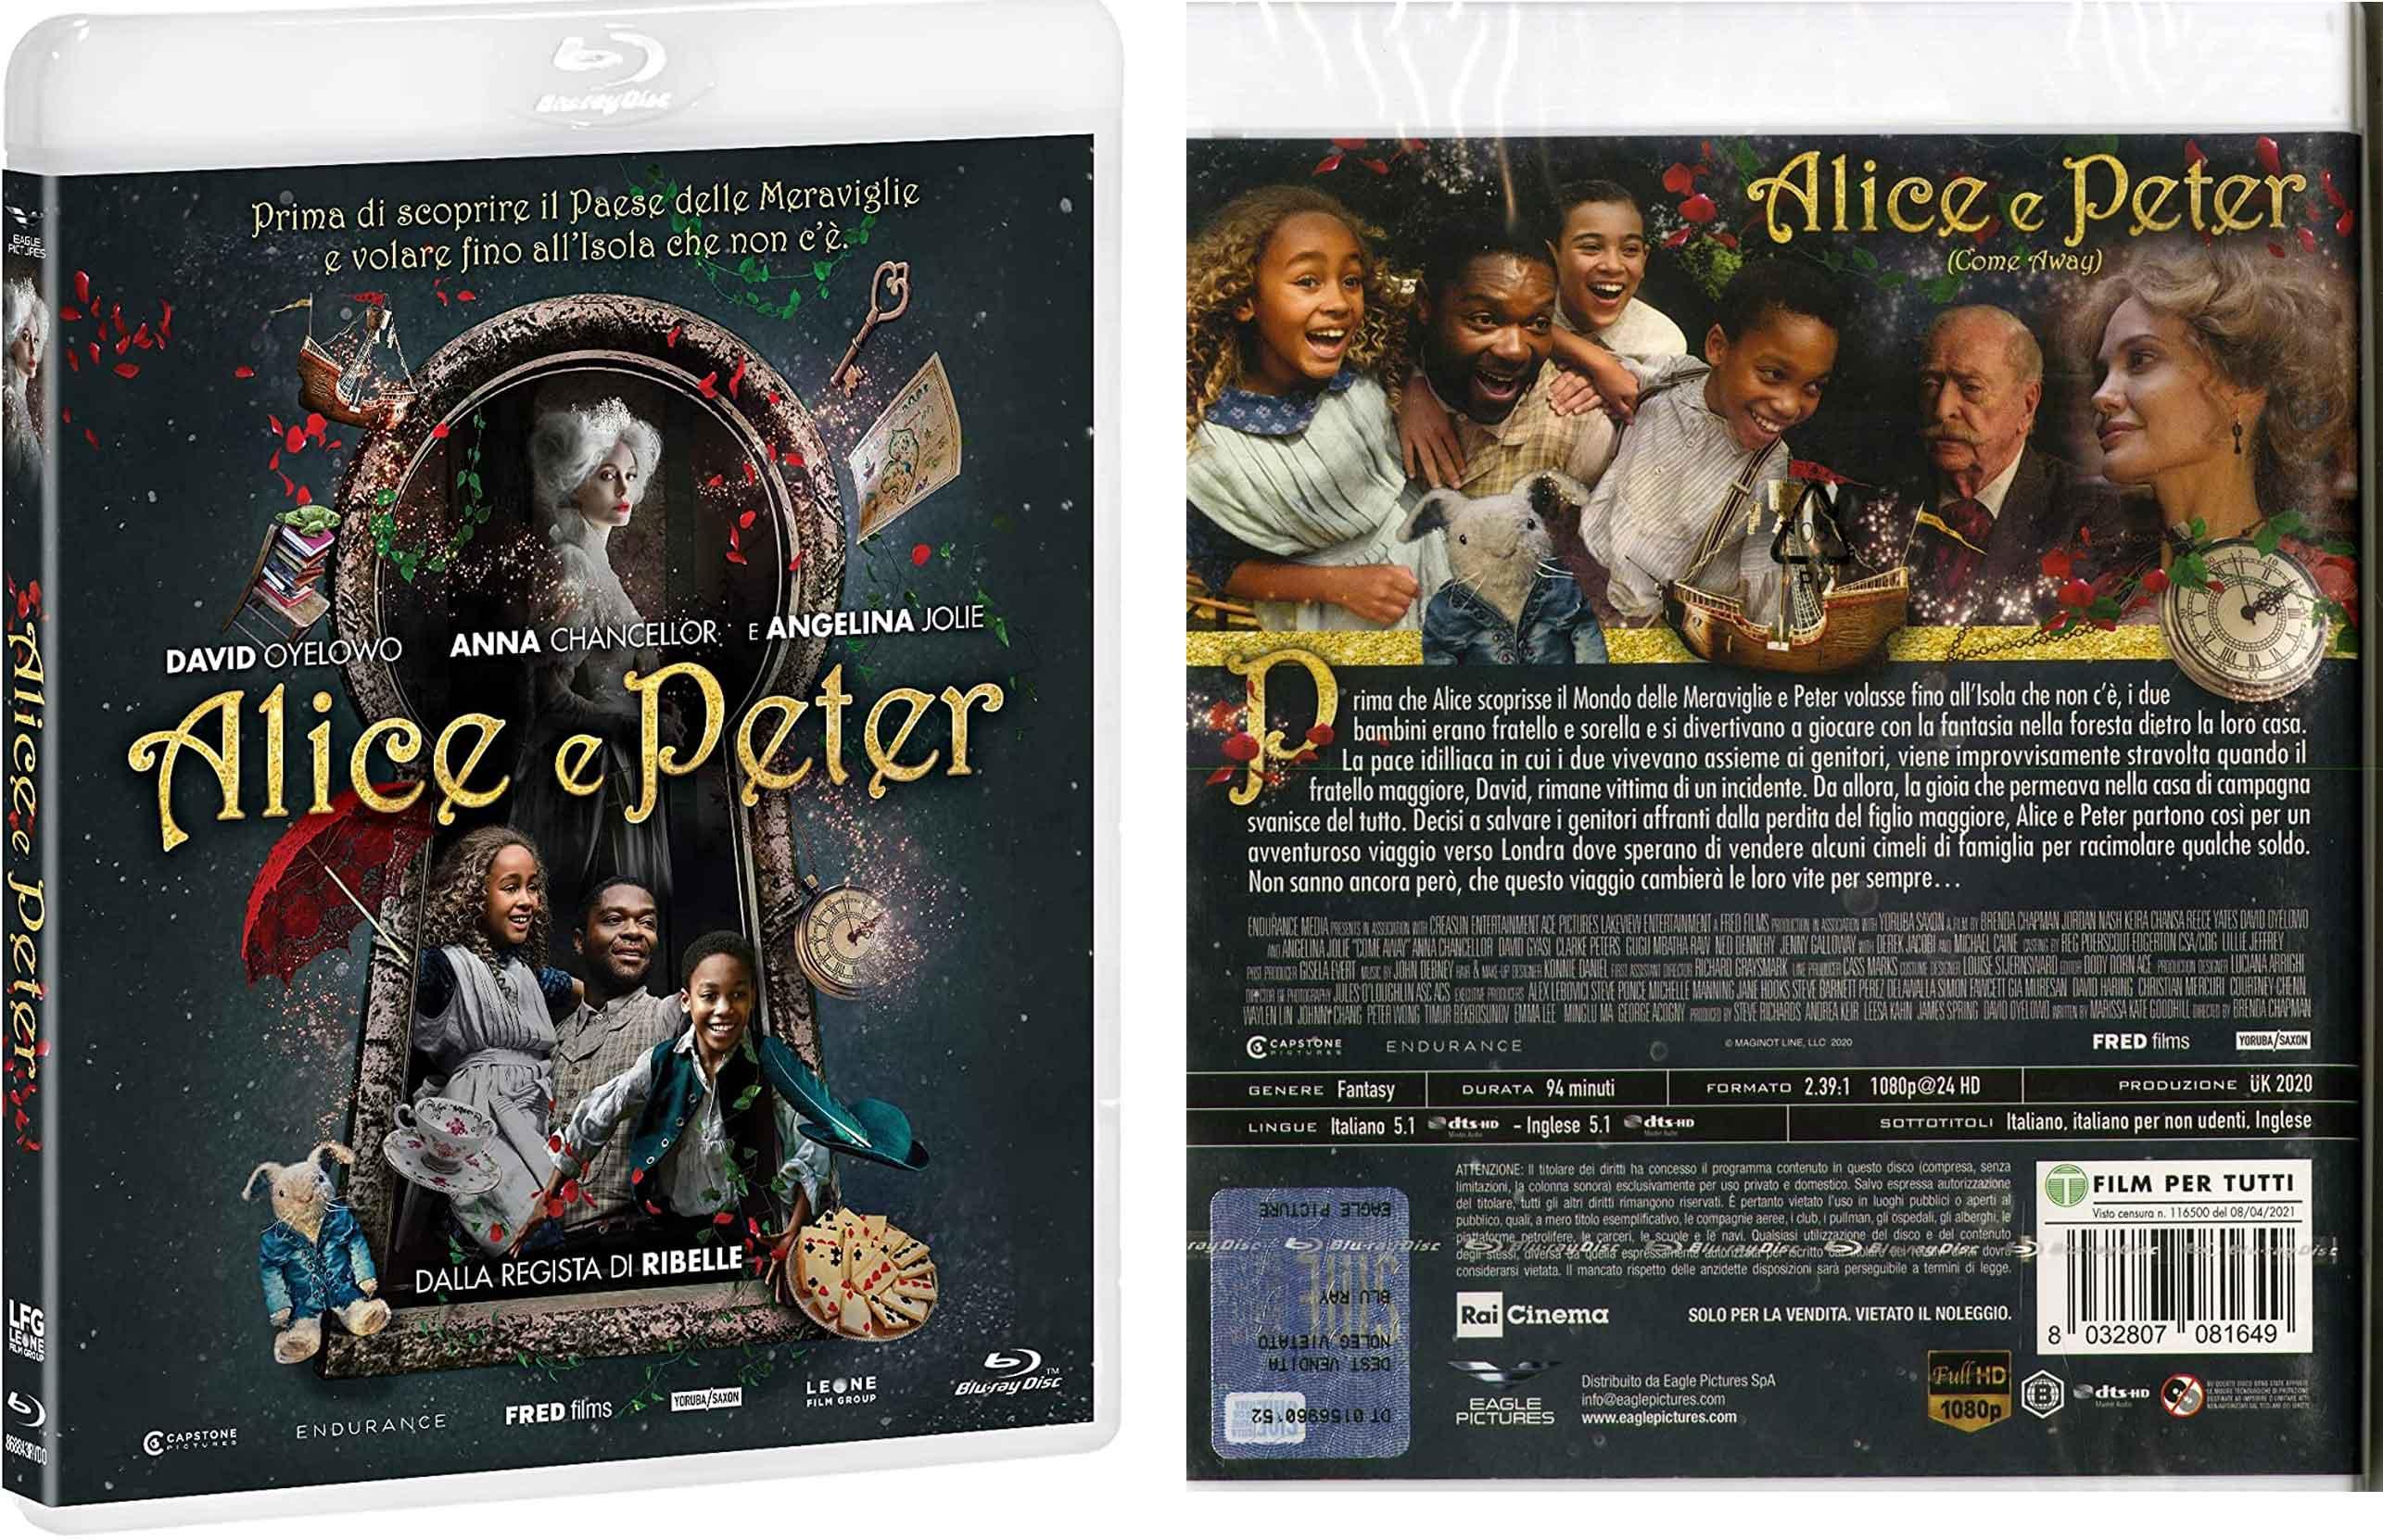 Alice e Peter (Come Away) Blu-ray recensione con Angelina Jolie